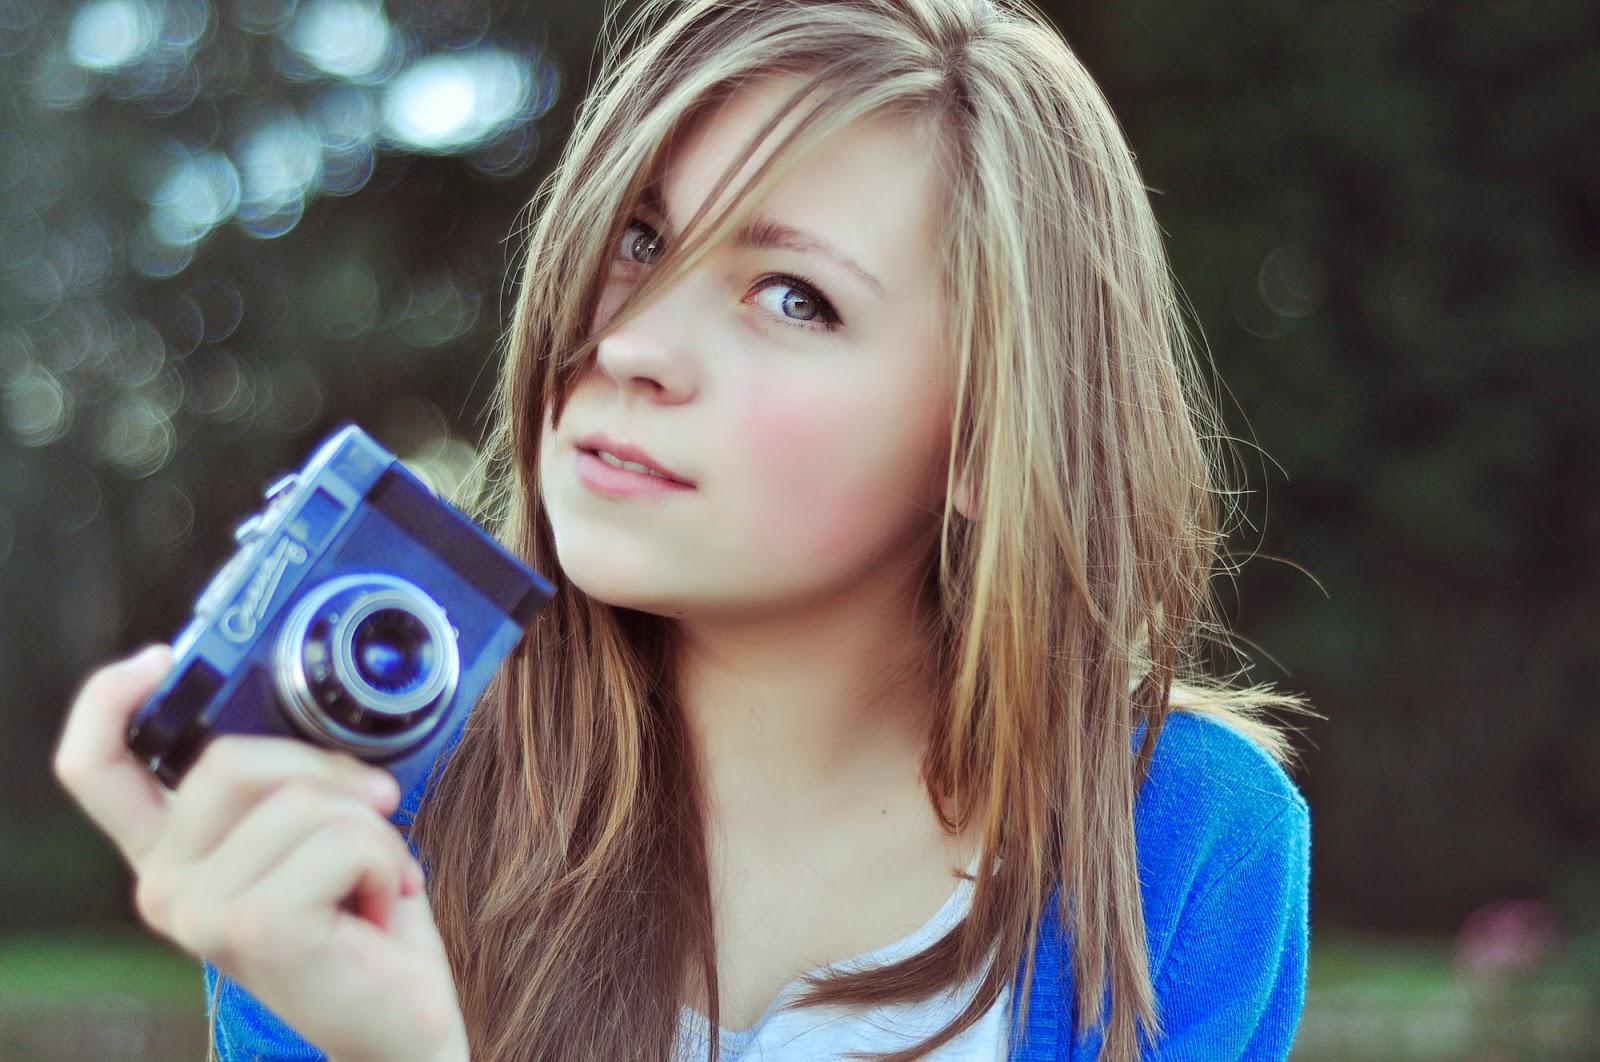 بالصور صور اجمل بنات في العالم , اروع البنات في الكون 1062 10